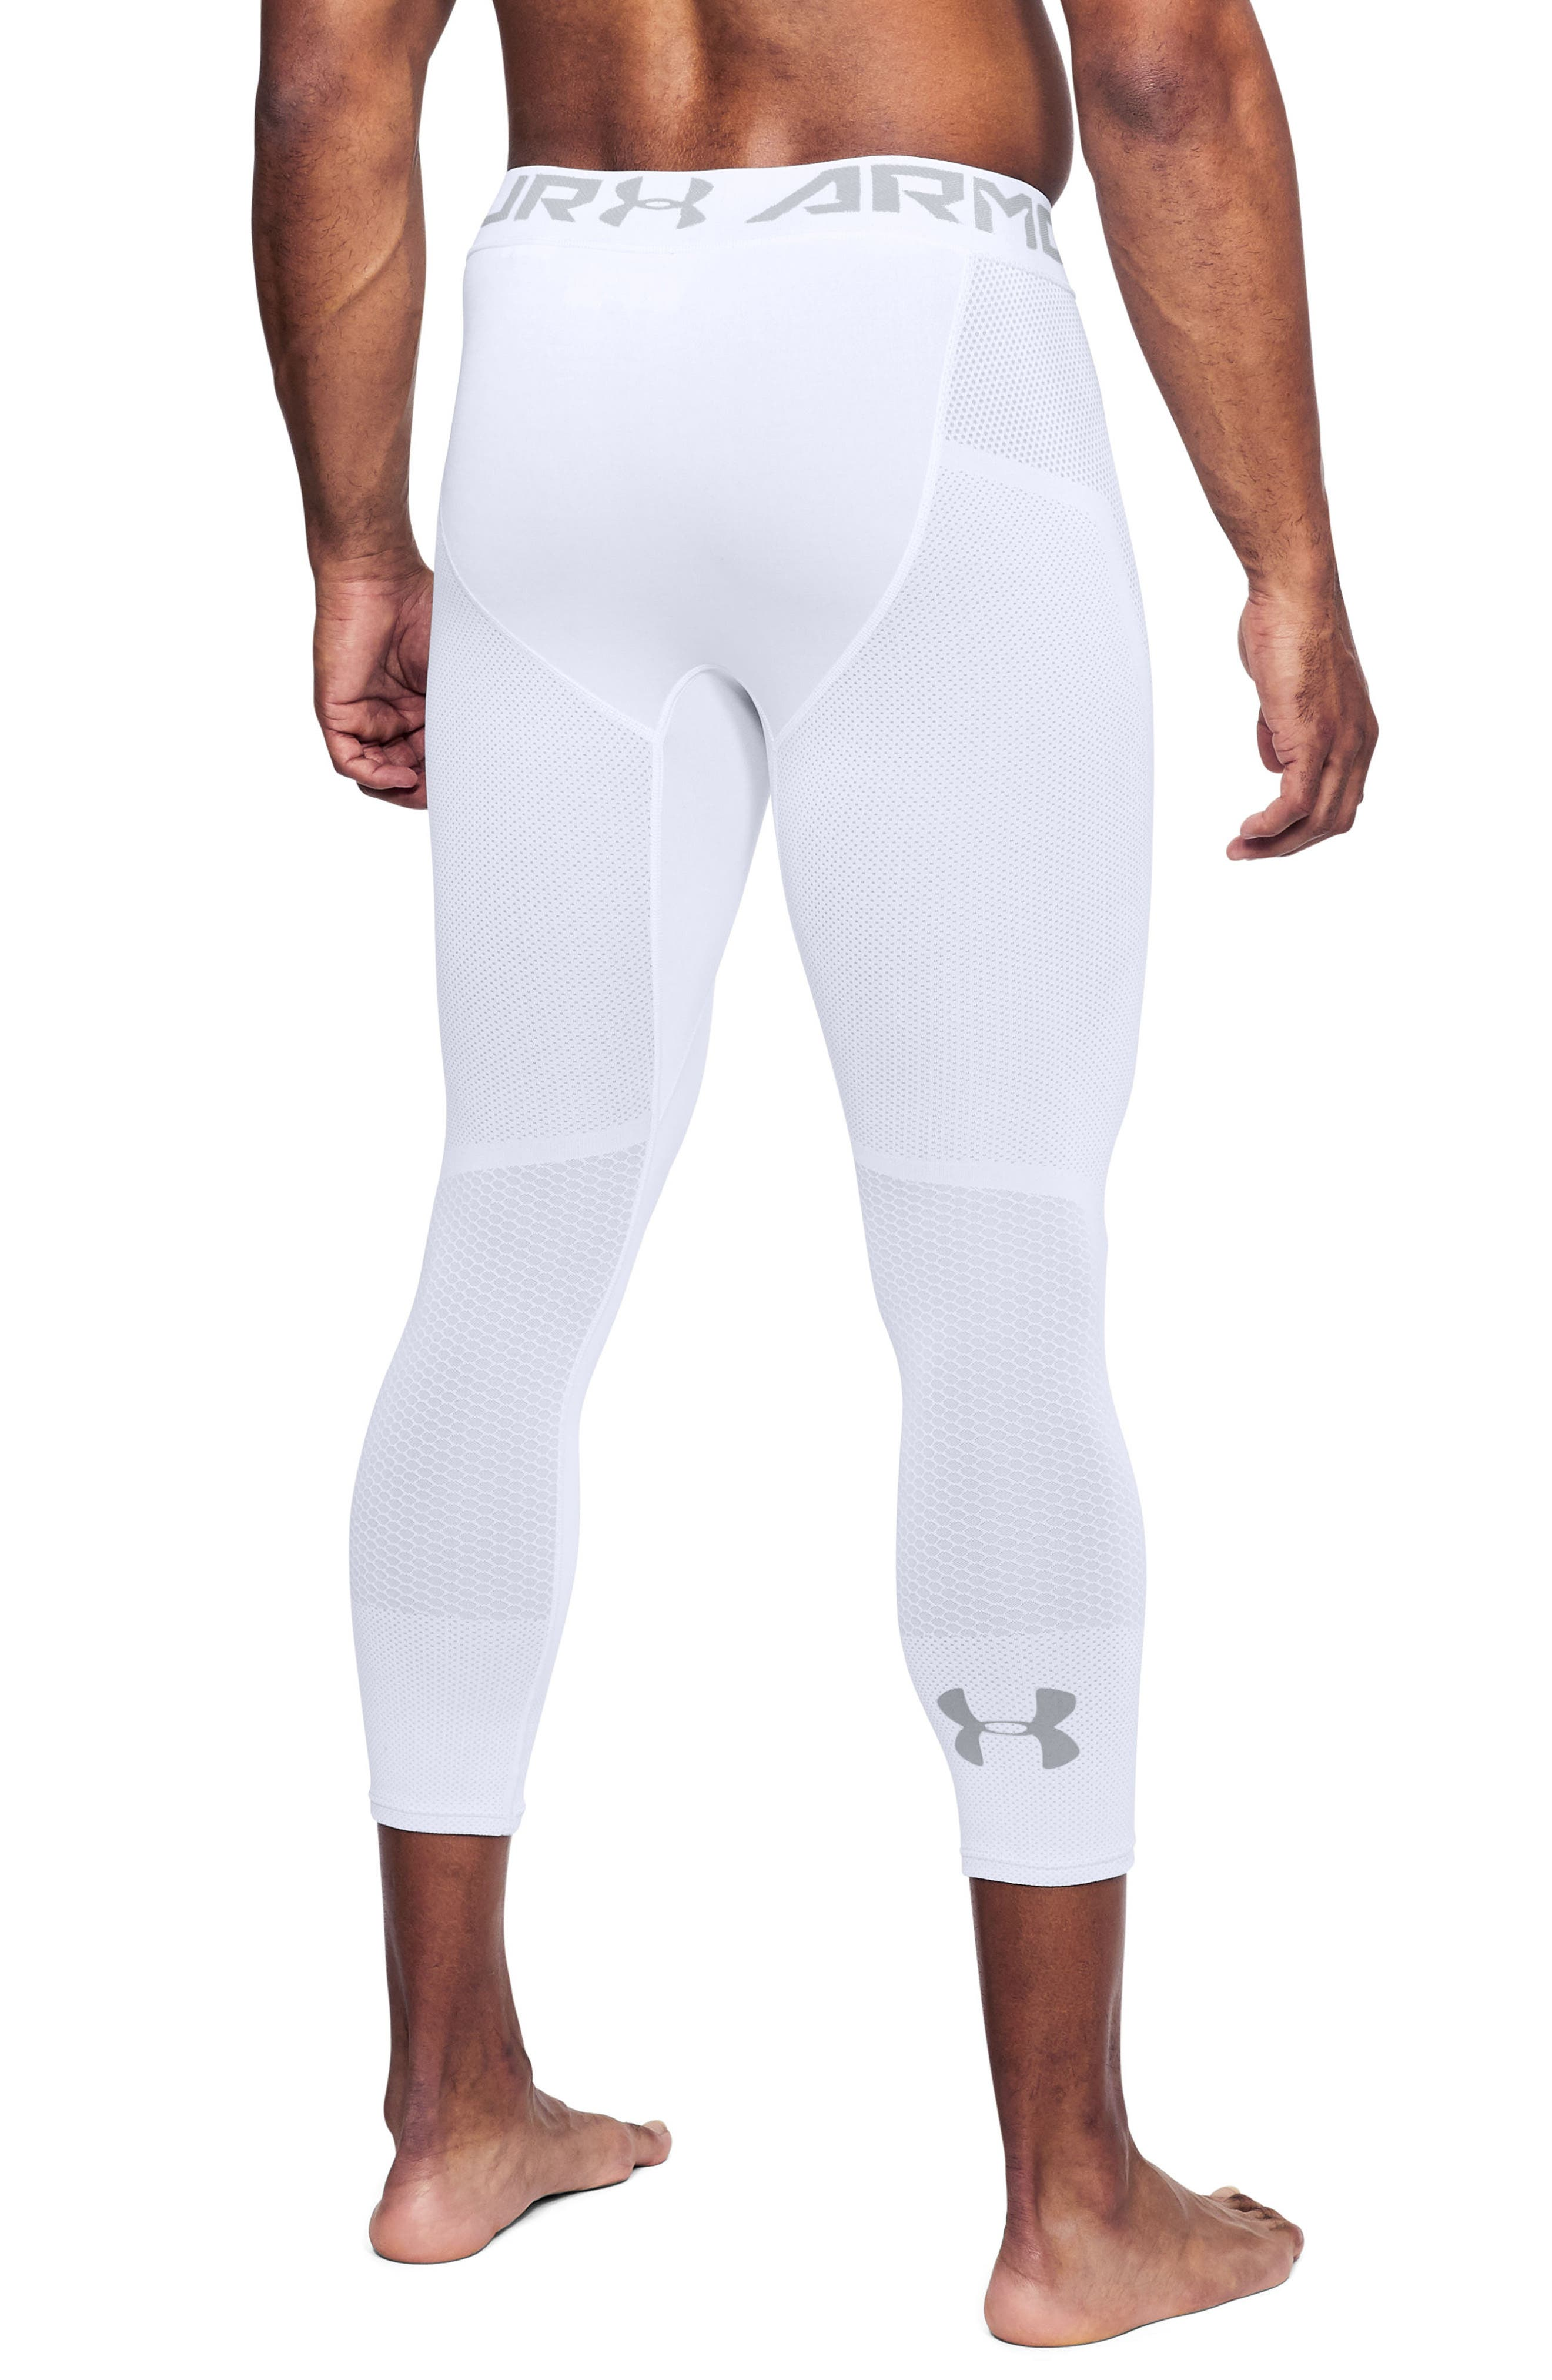 Threadborne Seamless Pants,                             Alternate thumbnail 2, color,                             White/ Overcast Gray